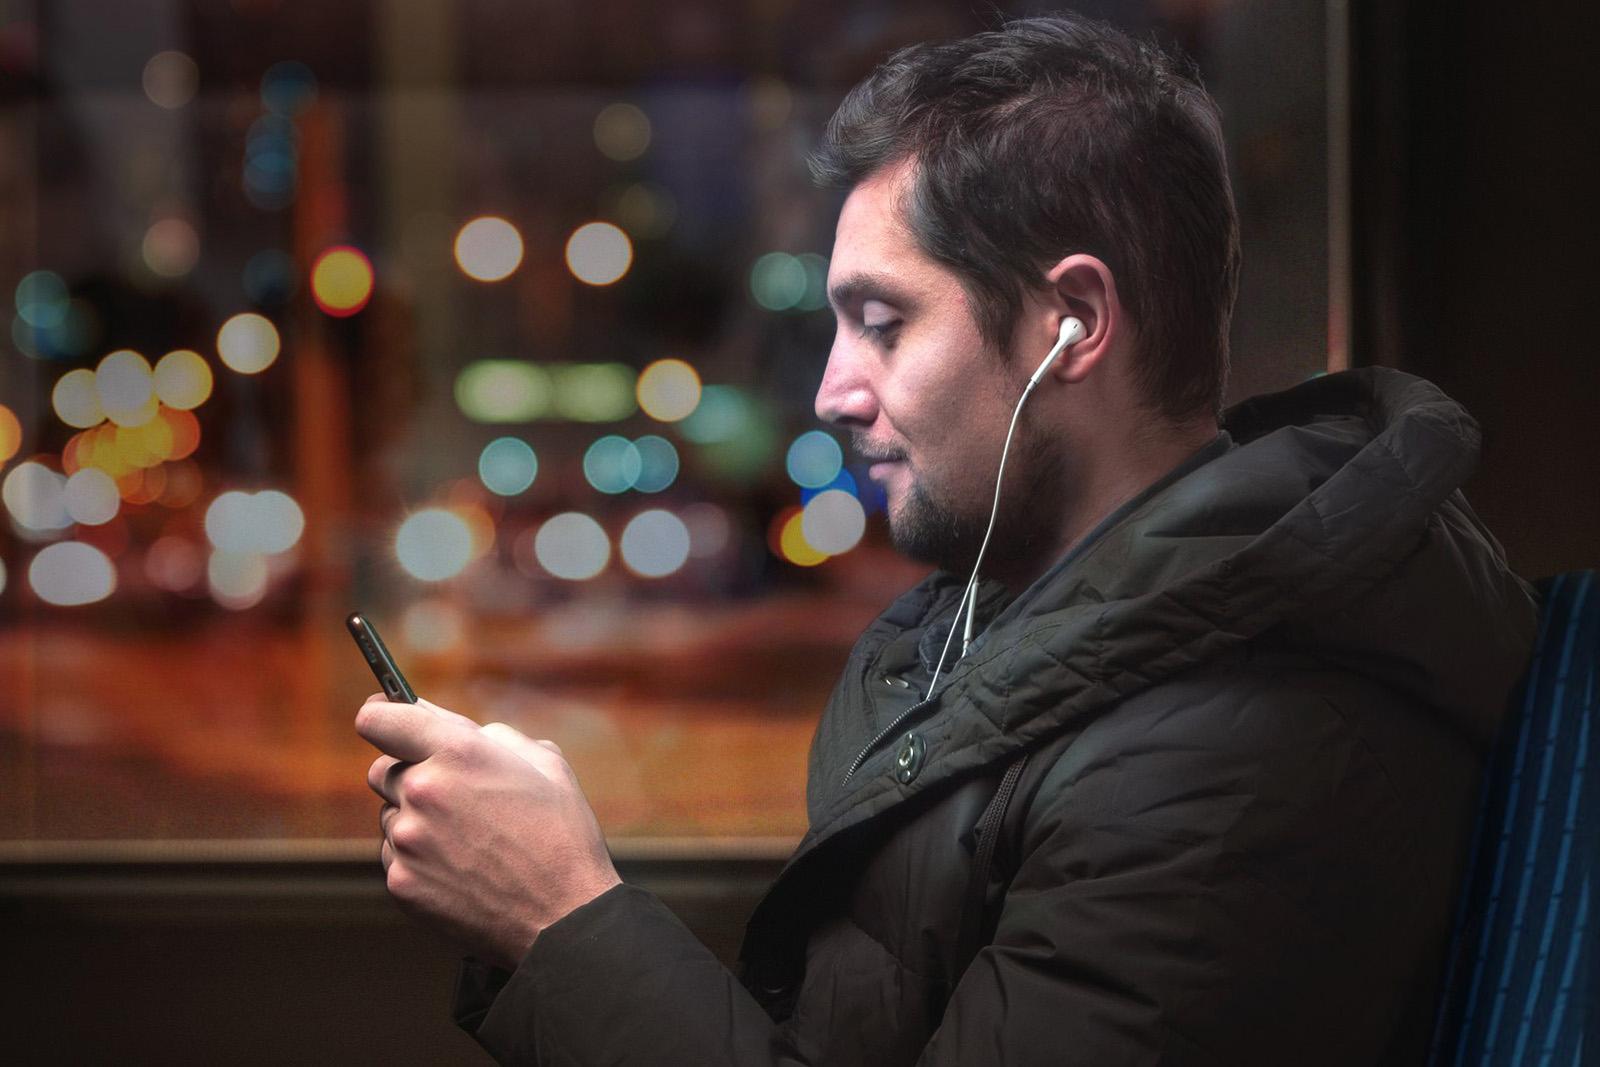 «Билайн» предлагает совершать покупки во время просмотра рекламы